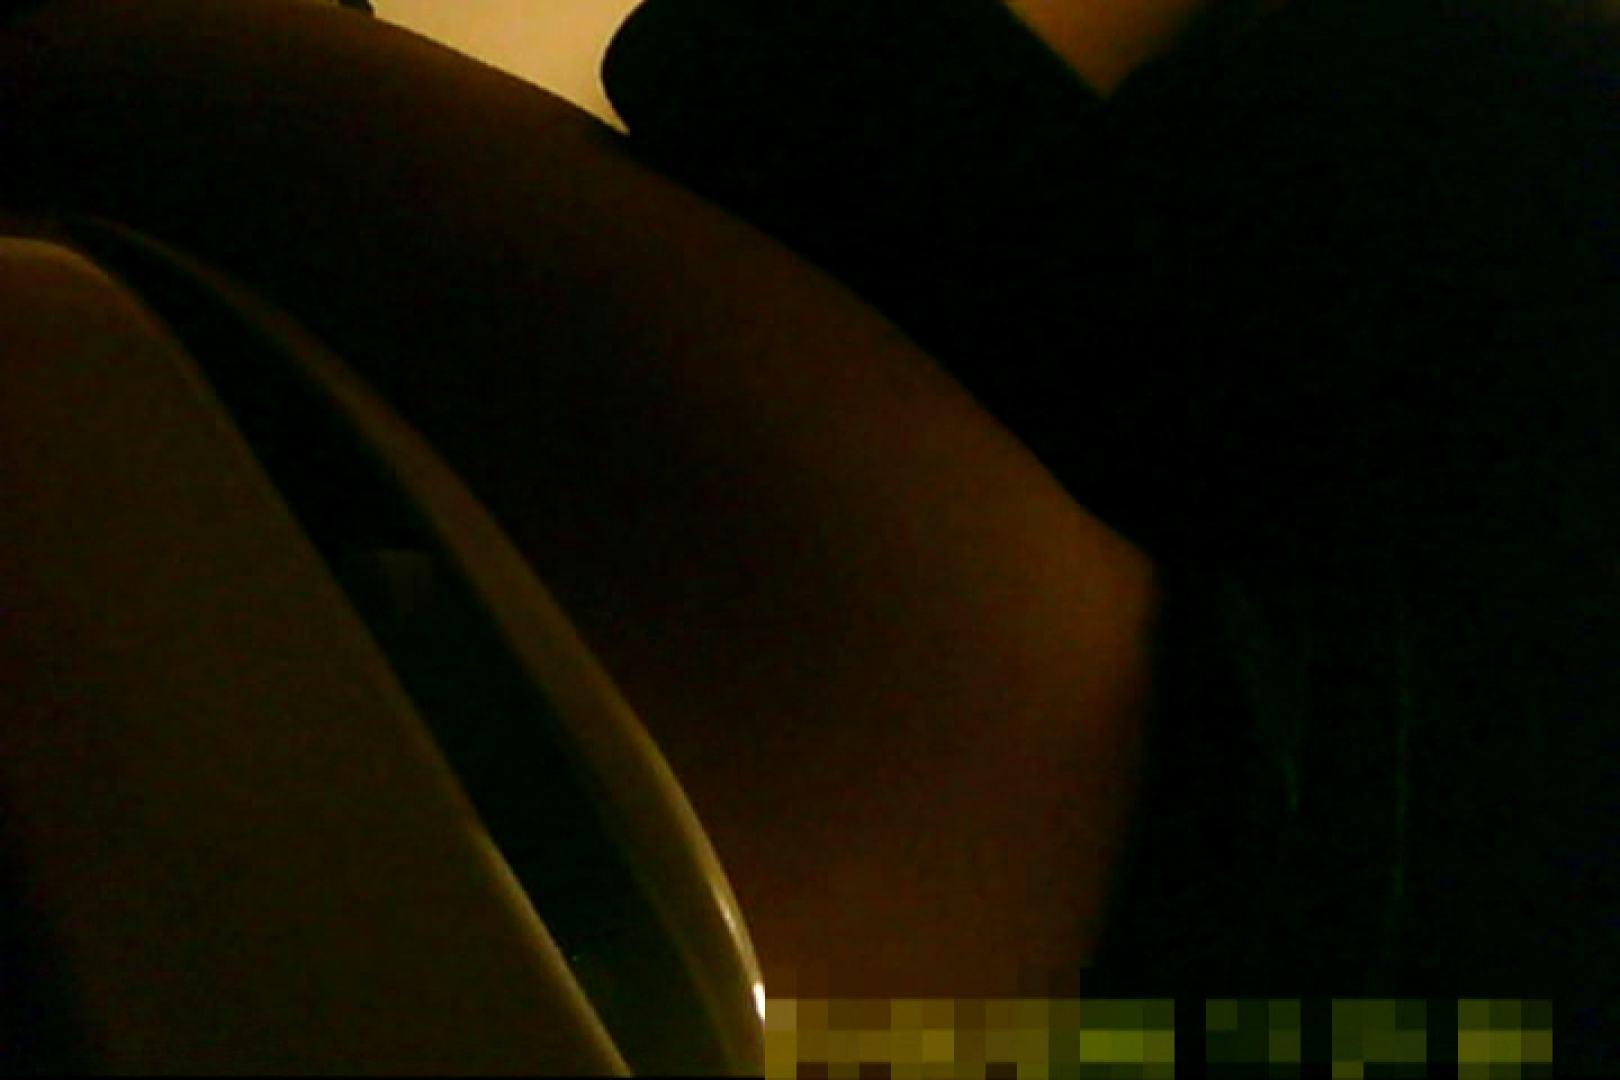 魅惑の化粧室~禁断のプライベート空間~12 プライベート映像 AV動画キャプチャ 97pic 71